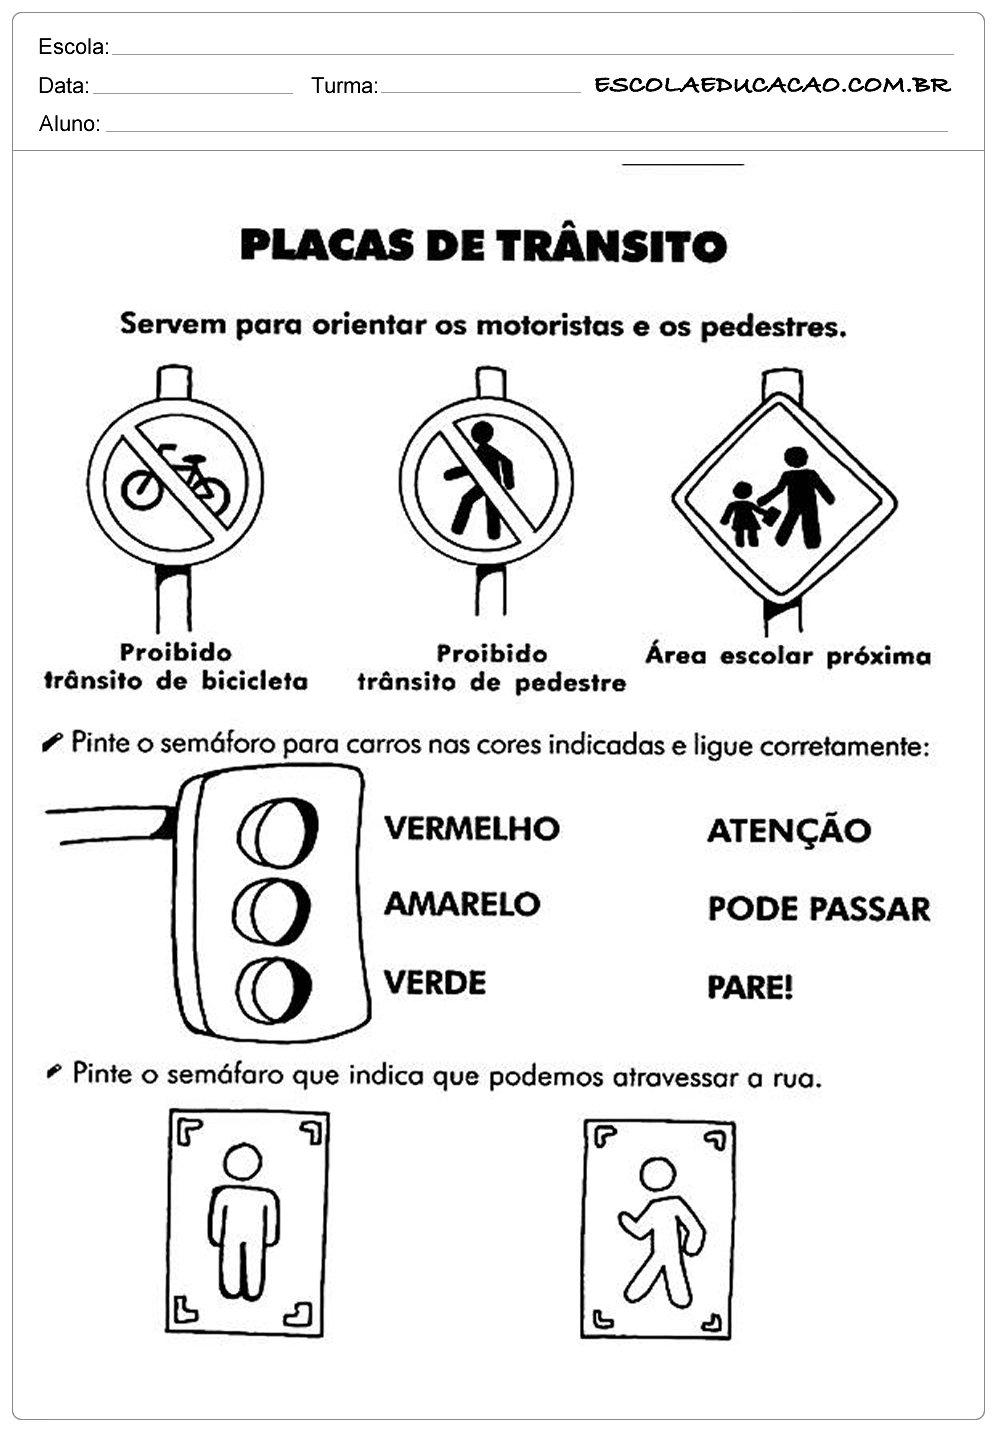 Atividades sobre o Trânsito – Placas de Trânsito